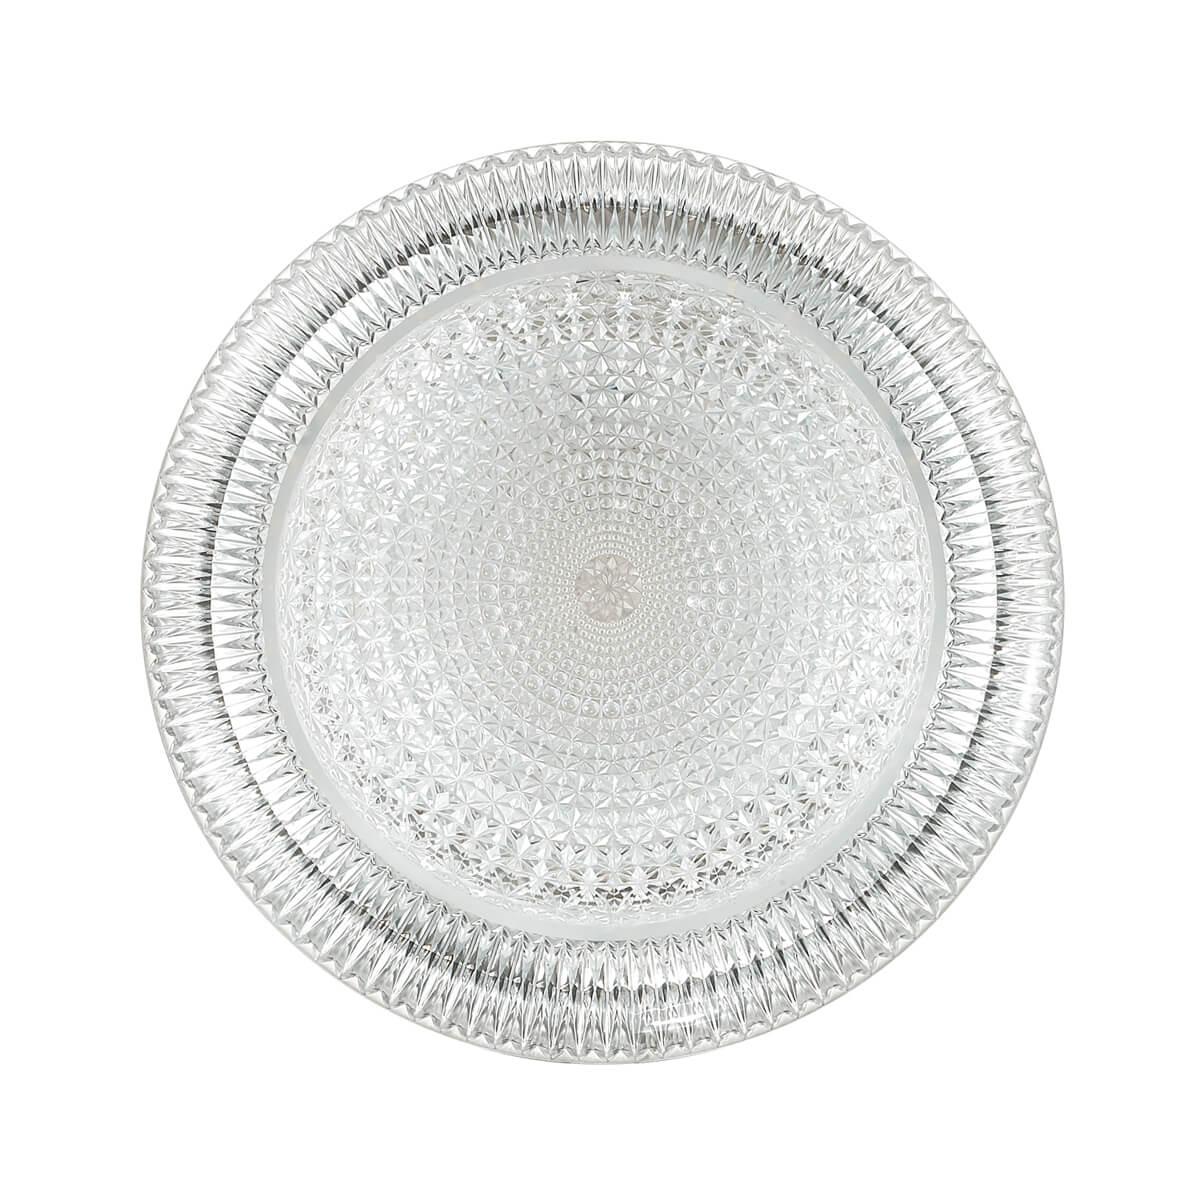 Настенно-потолочный светодиодный светильник Sonex Brilliance 2038/EL цена